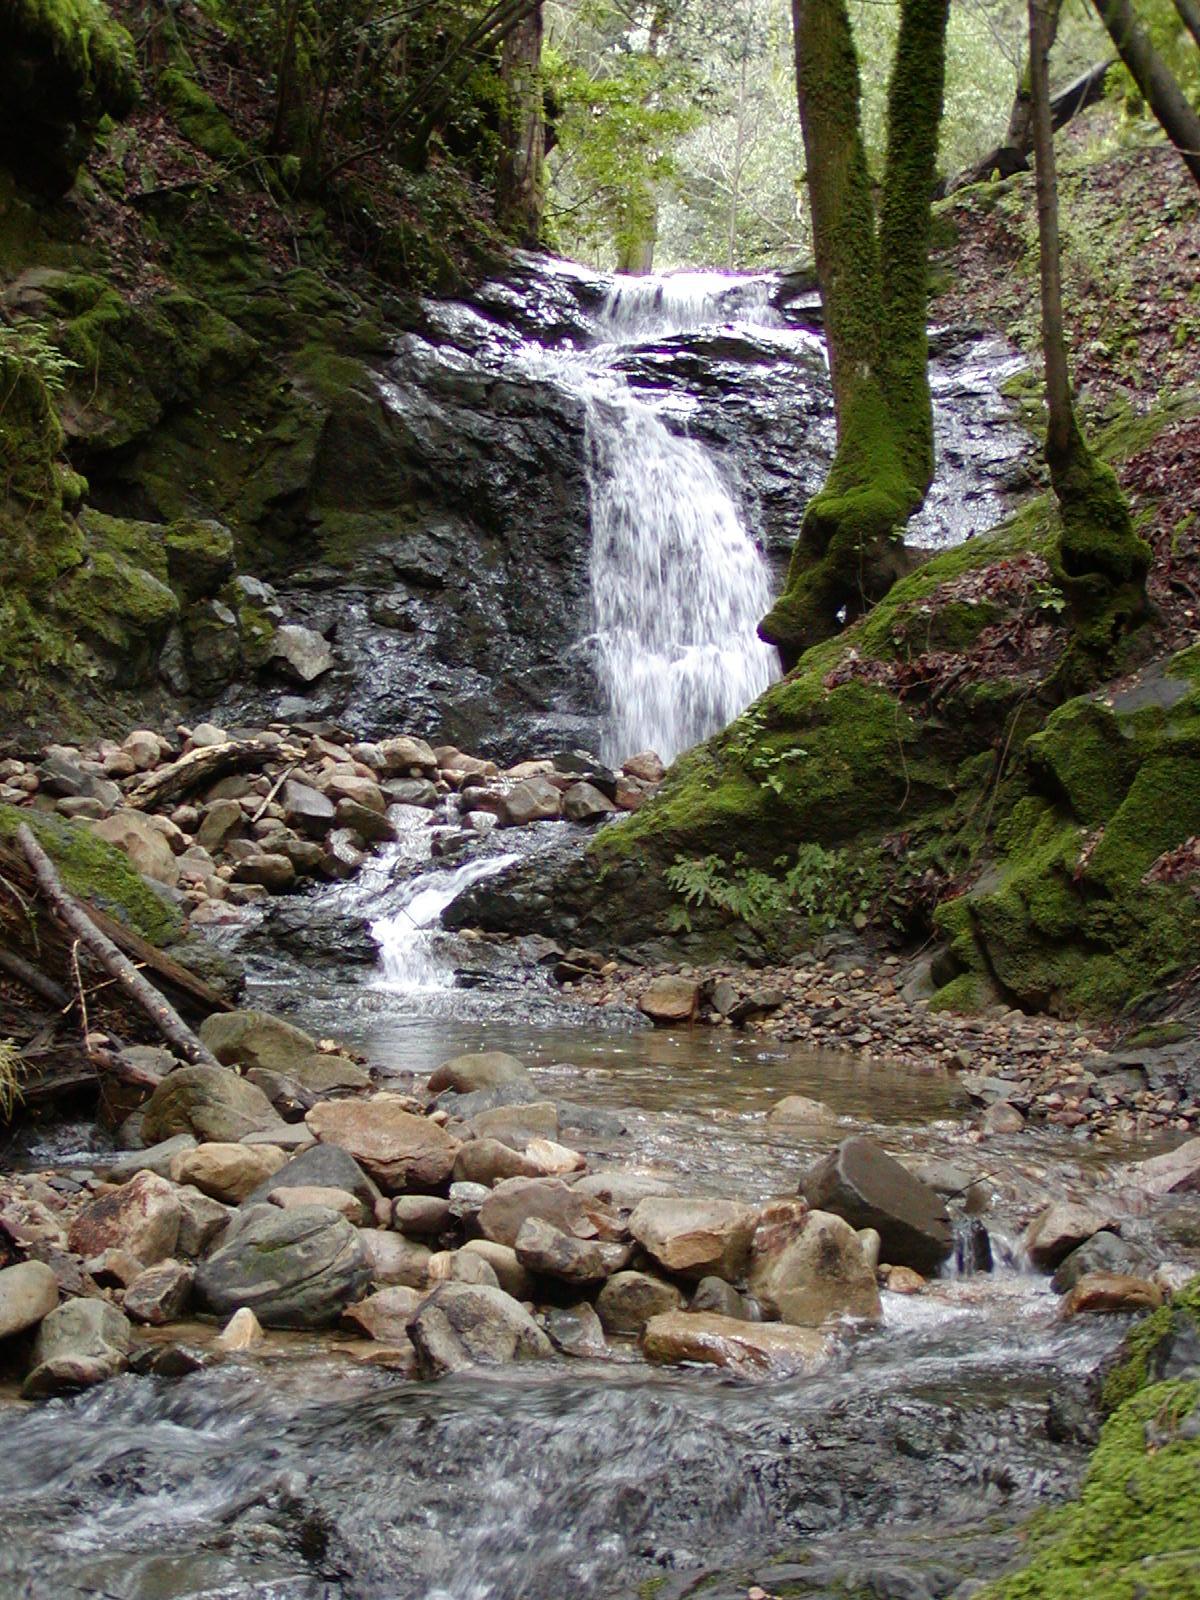 Uvas Canyon County Park - Wikipedia